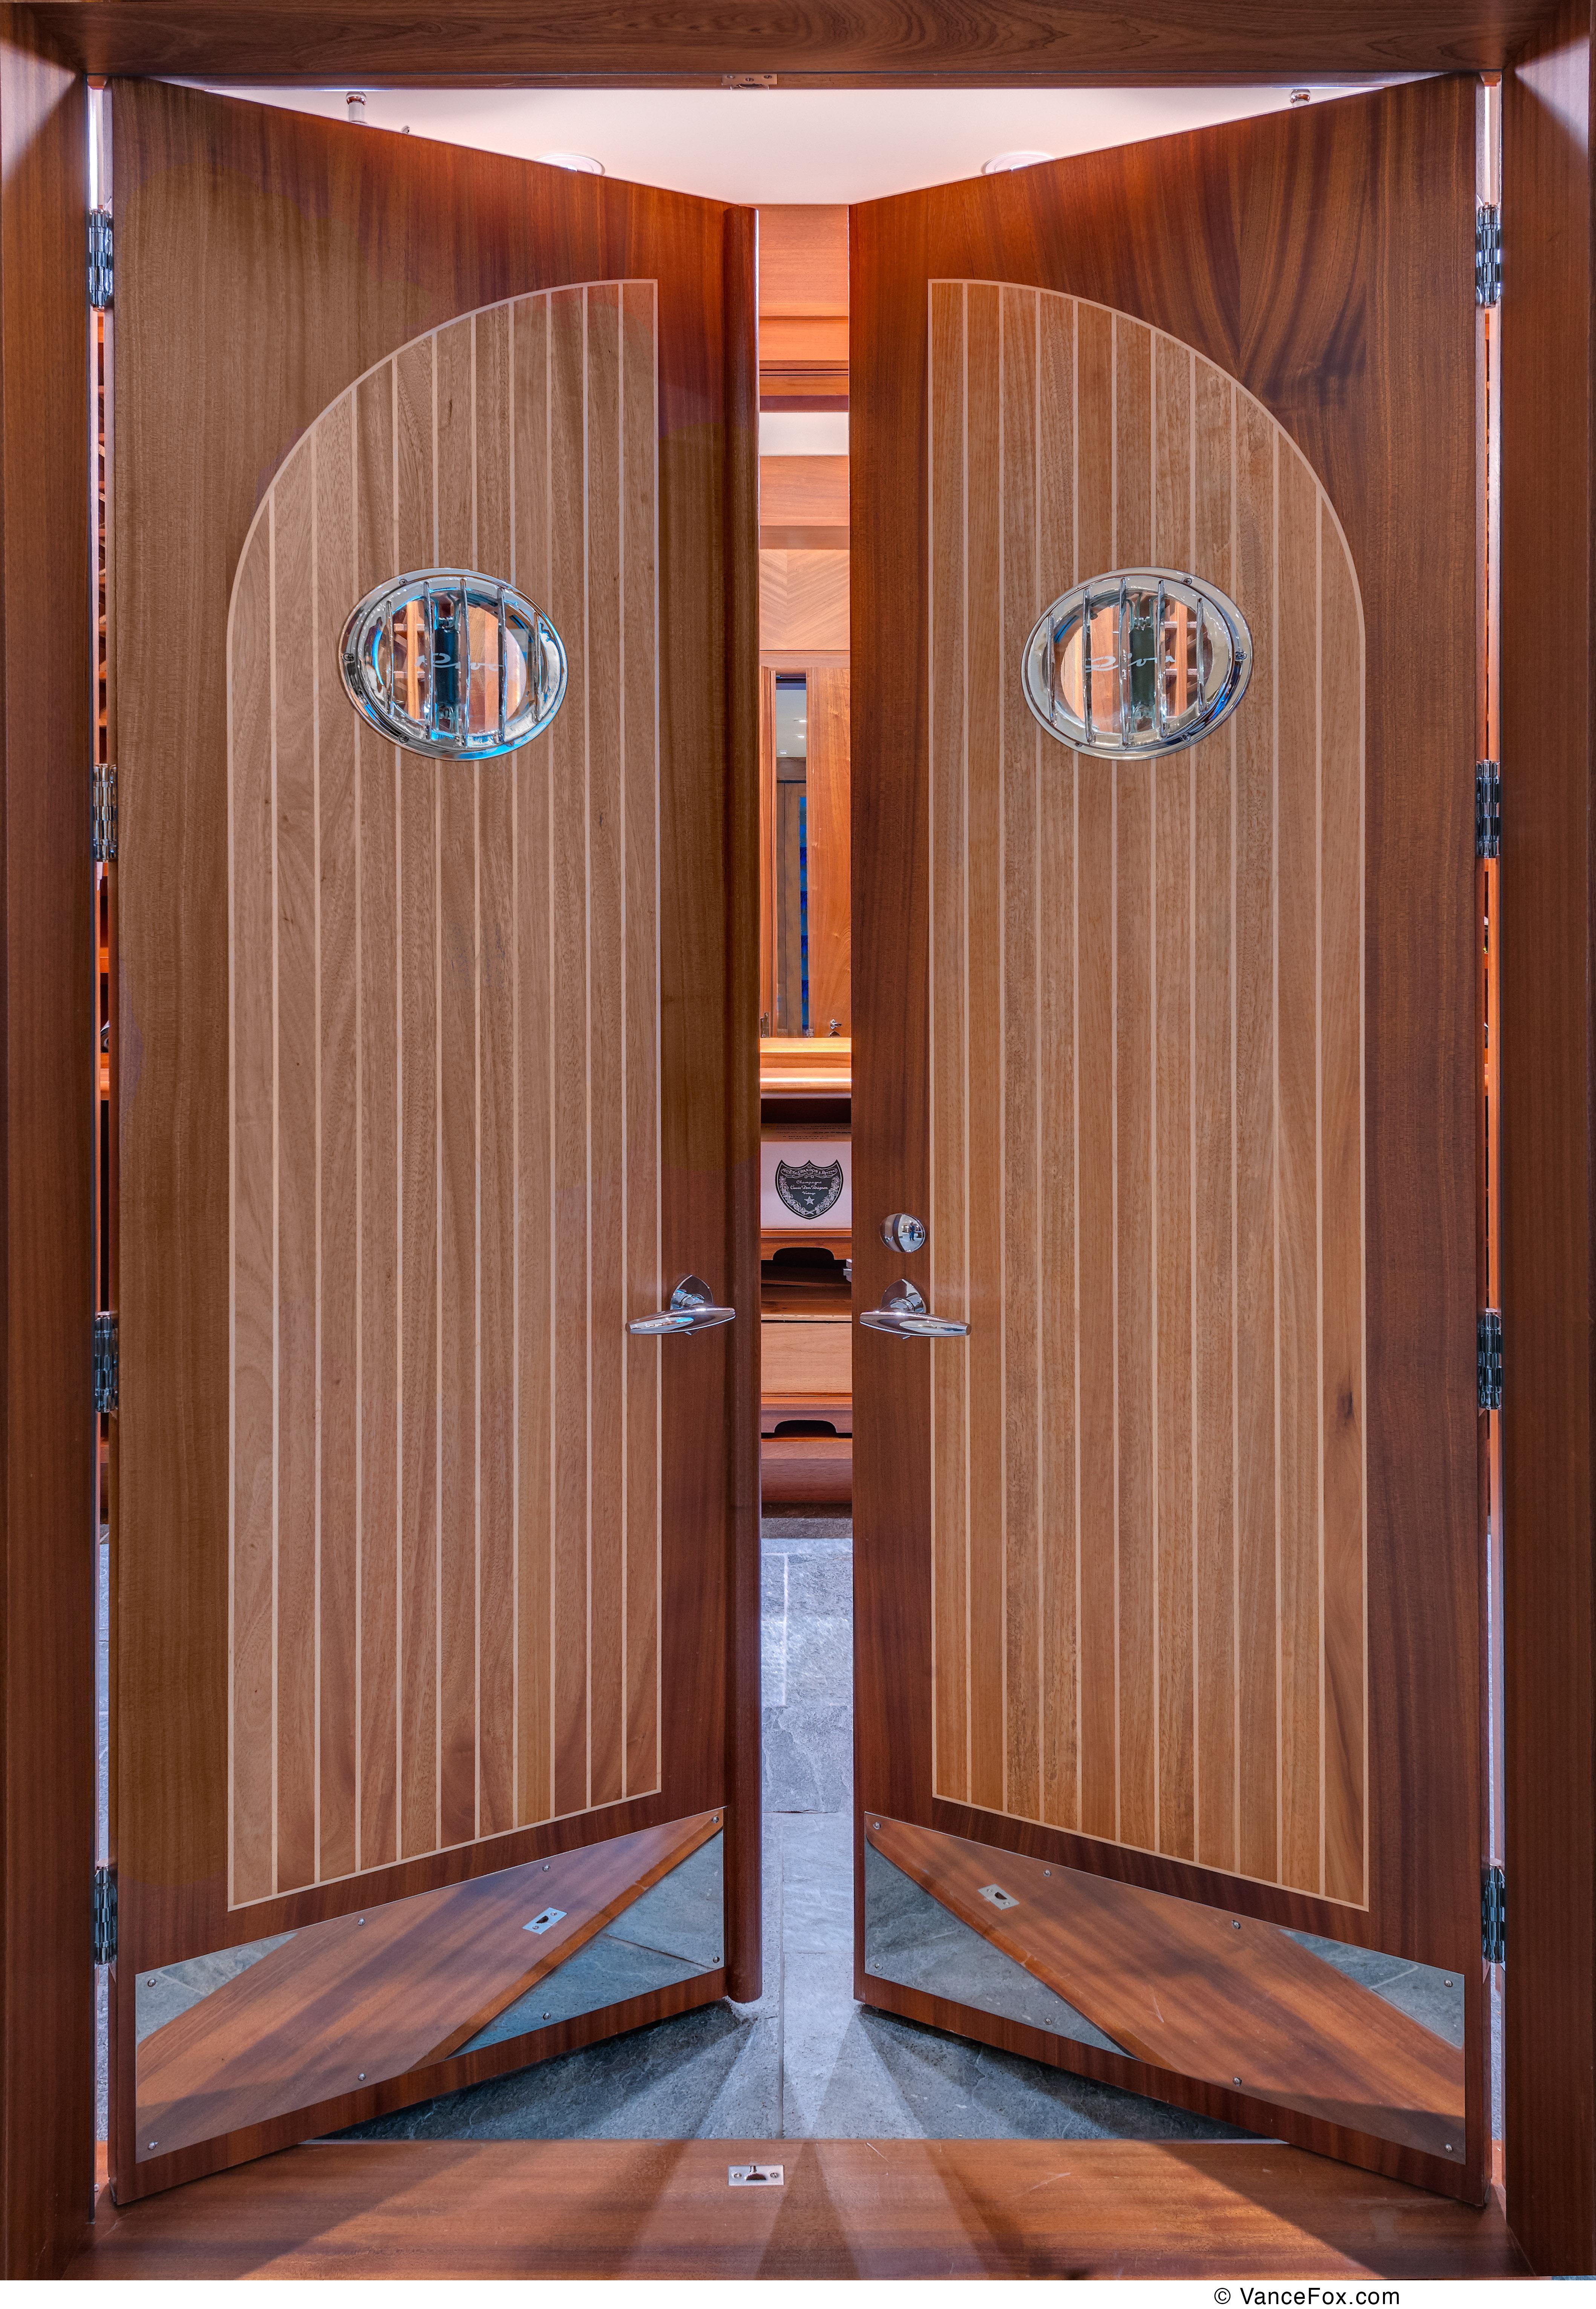 RIVA WINE ROOM CUSTOM DOORS